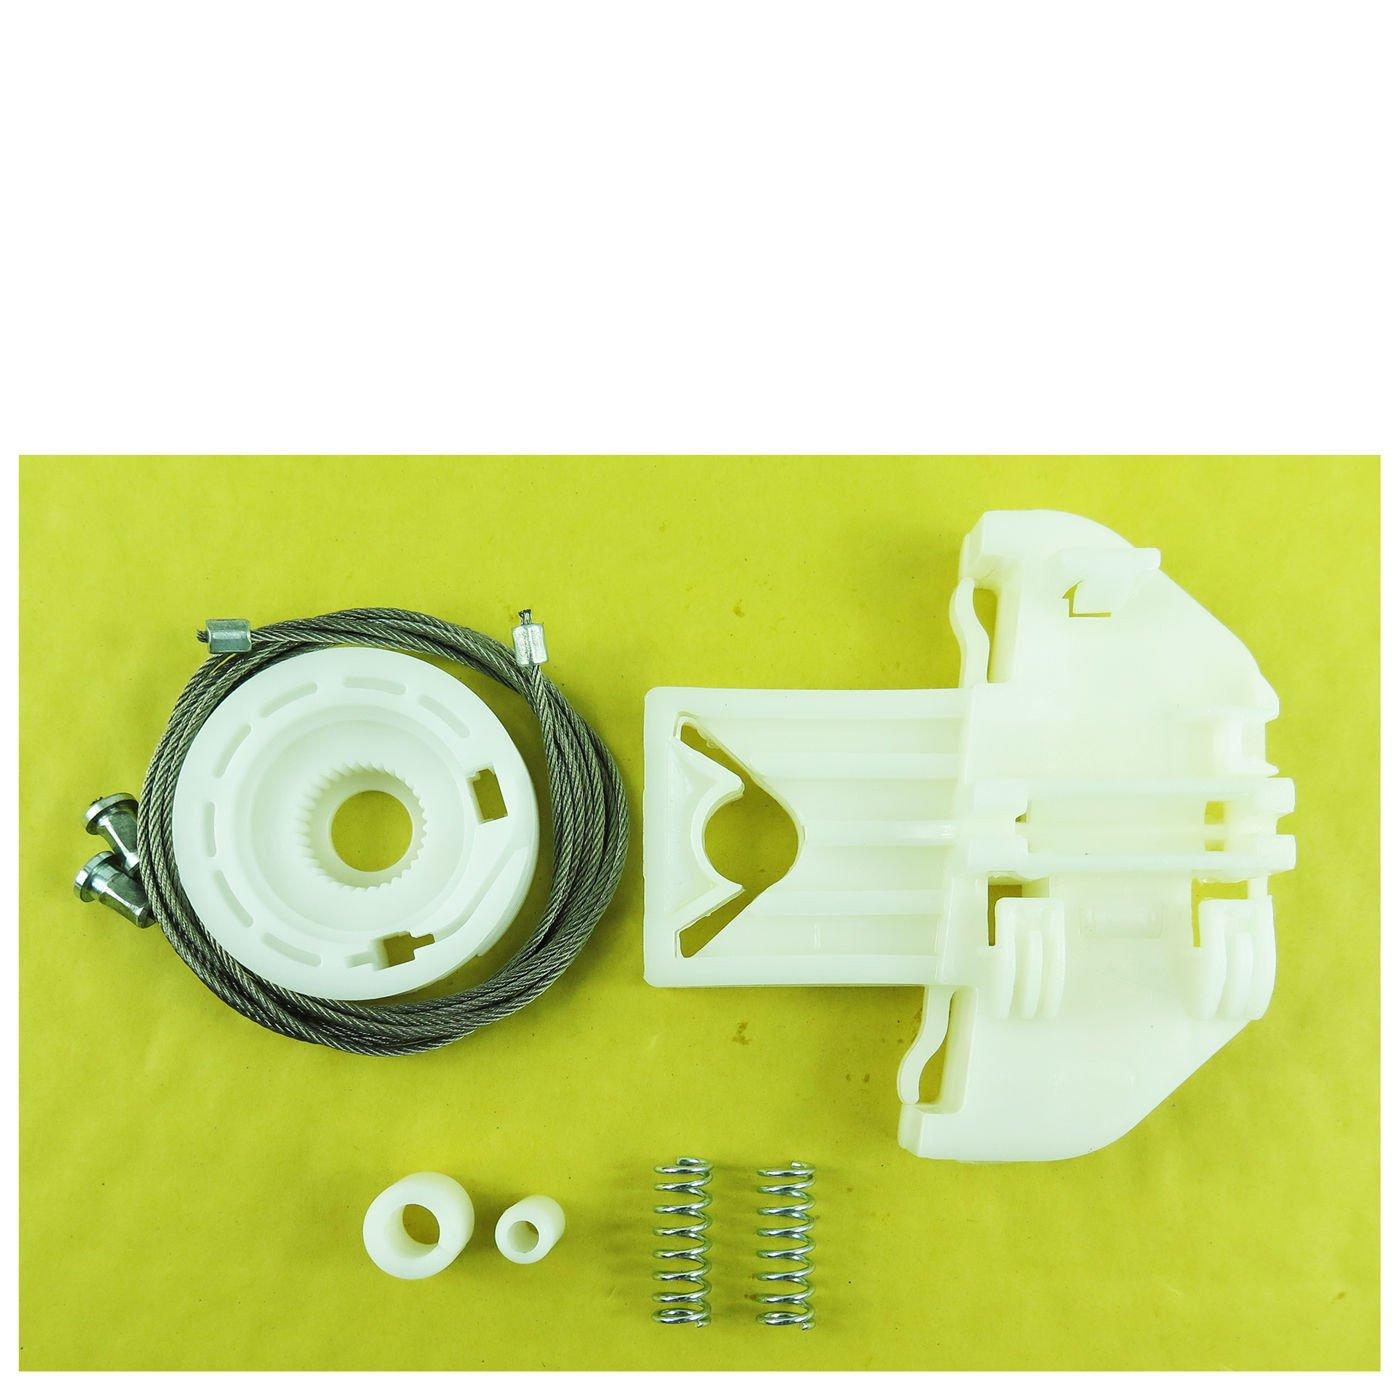 per Ford compatibilit/à non garantita con veicoli con guida a sinistra Kit di riparazione per alzacristalli elettrico posteriore sinistro